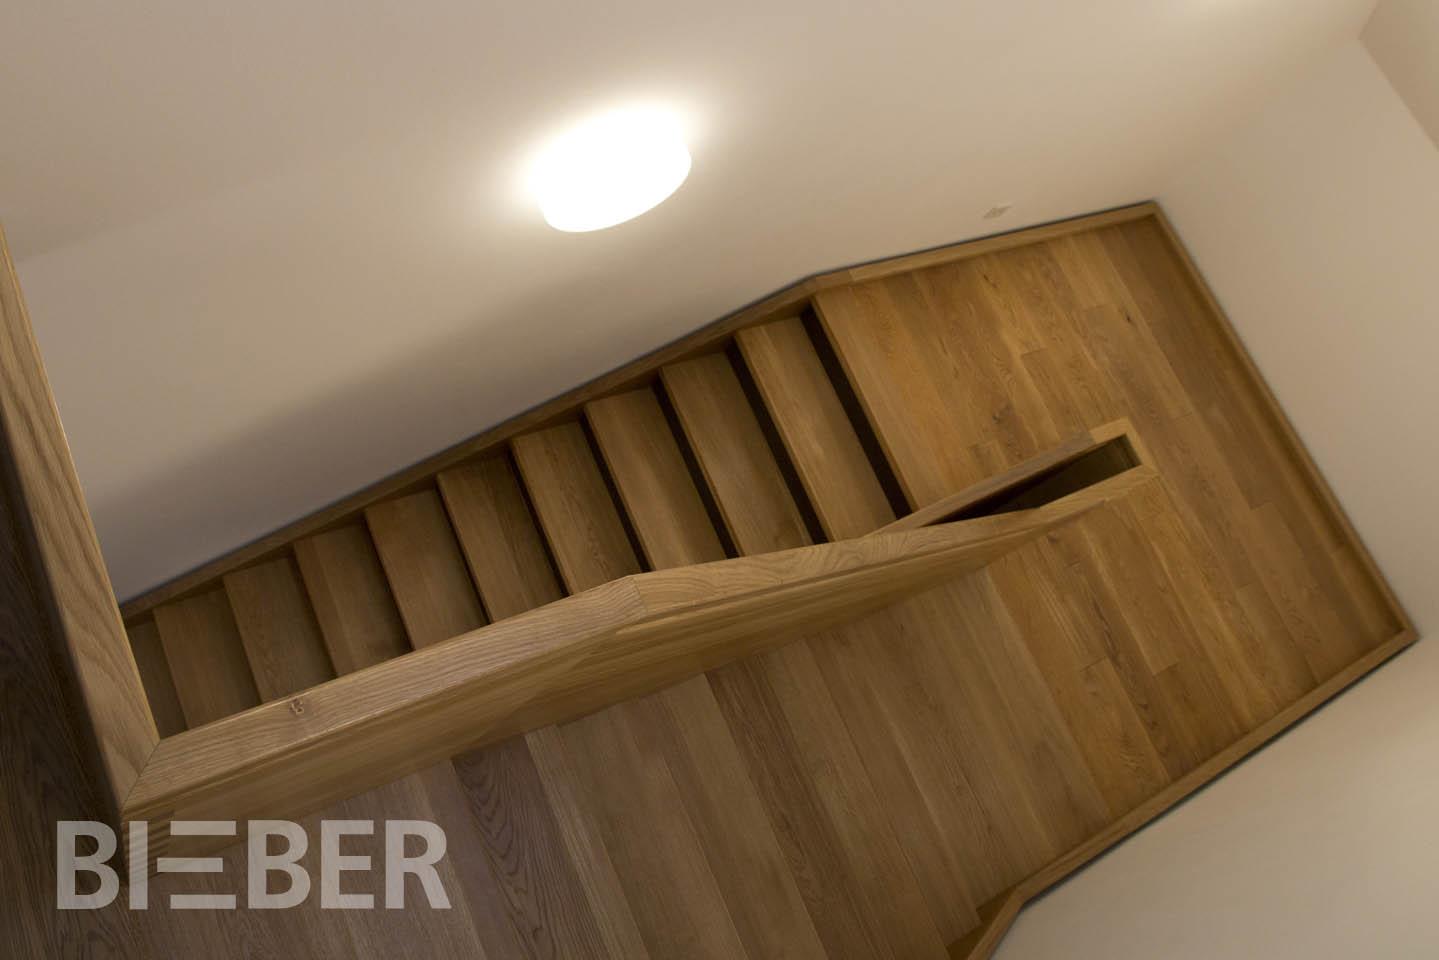 Treppenanlage Massivholz Eiche, mehrläufige Podesttreppe, Projekt: Kloster Wechselburg